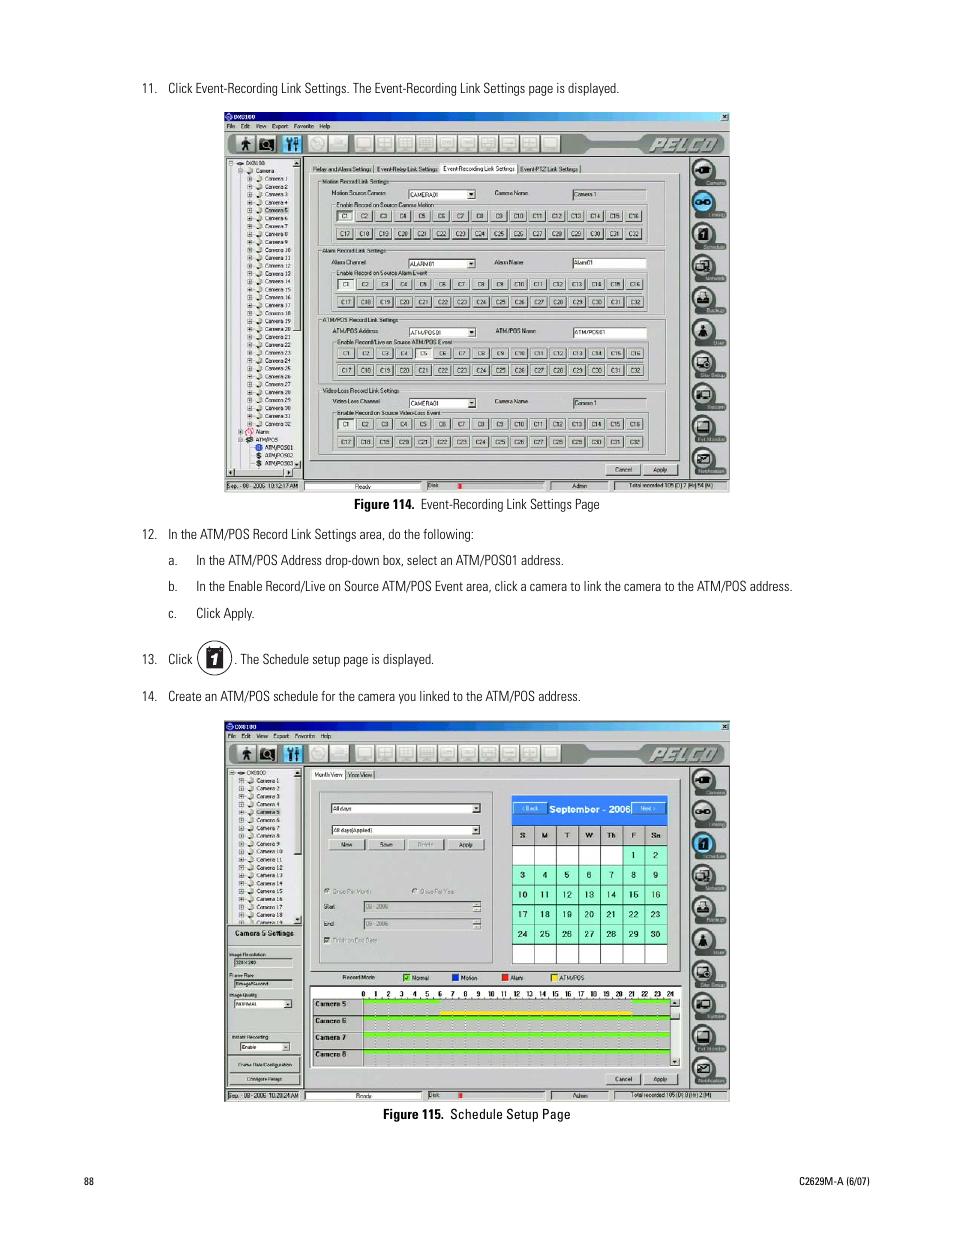 pelco dx8100 user manual page 88 92 original mode rh manualsdir com pelco dx8100 operation/programming manual pelco dx8100 operation/programming manual